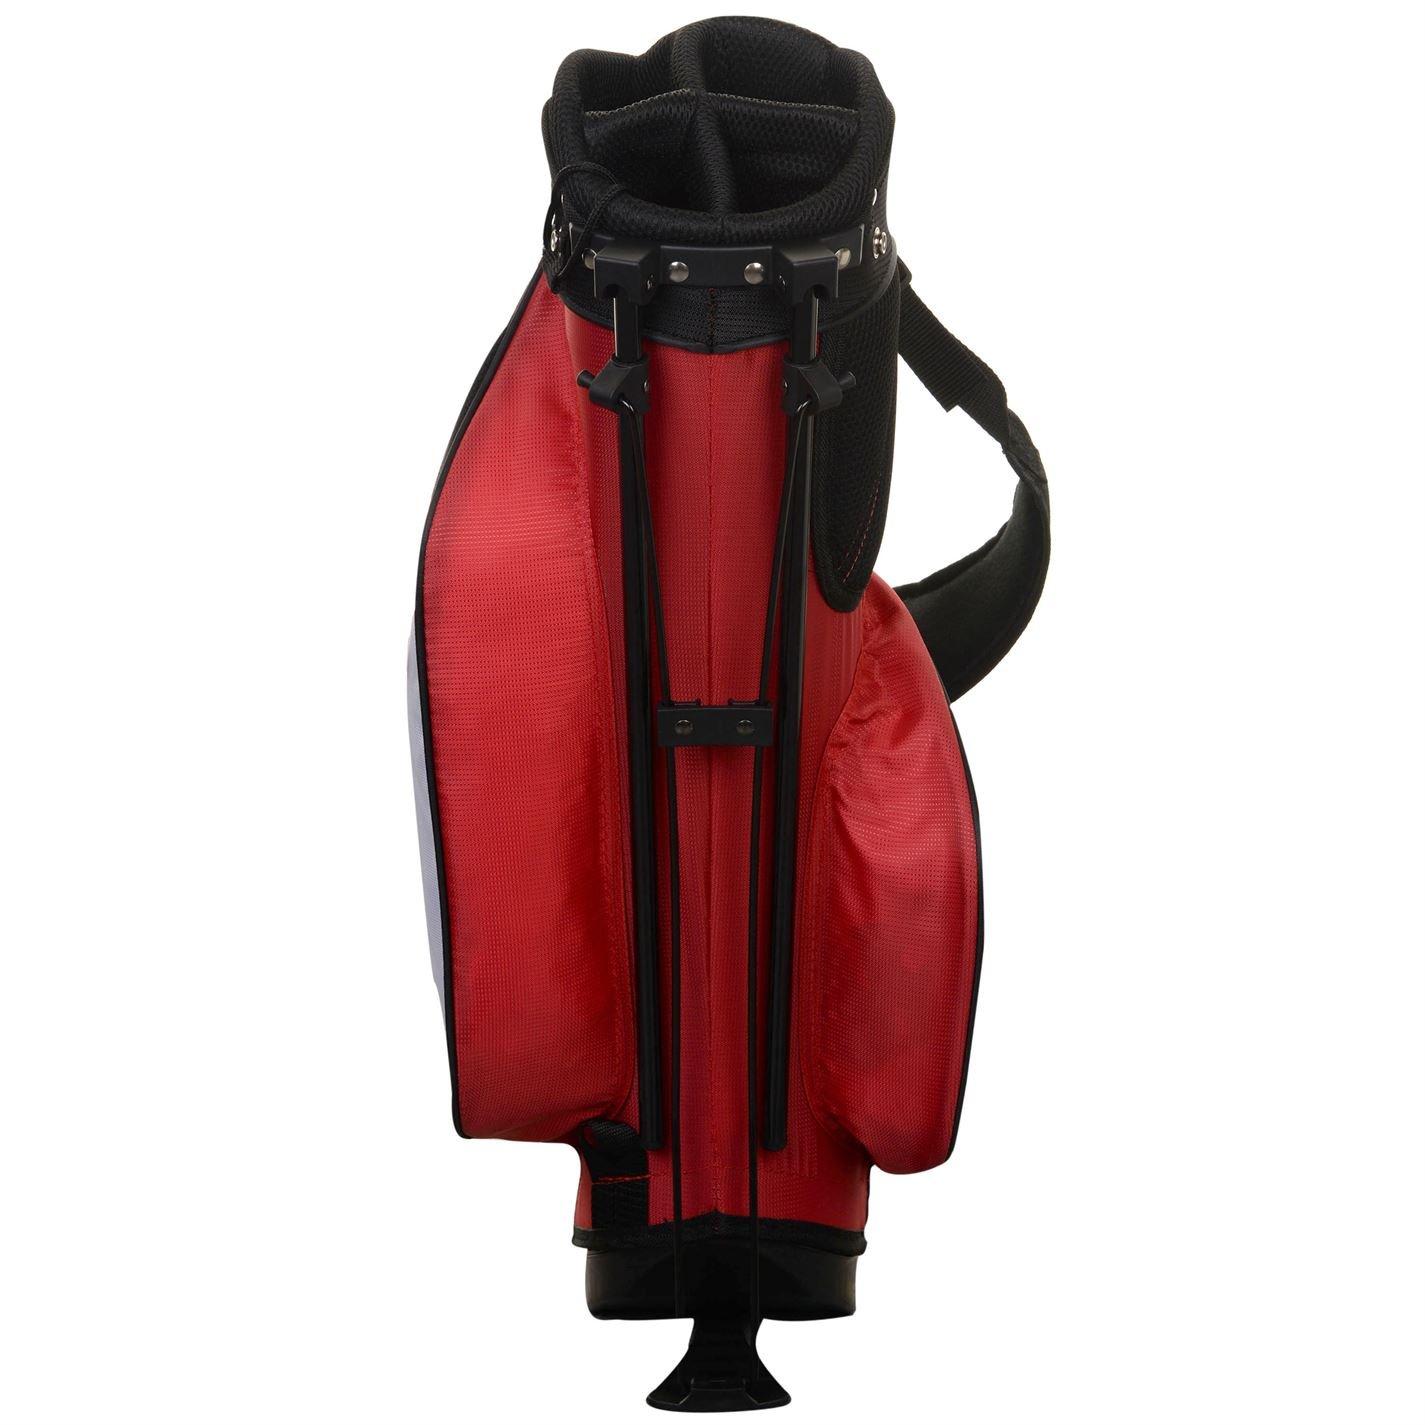 Amazon.com: Slazenger Kids Ikon bolsa de soporte Junior Golf ...